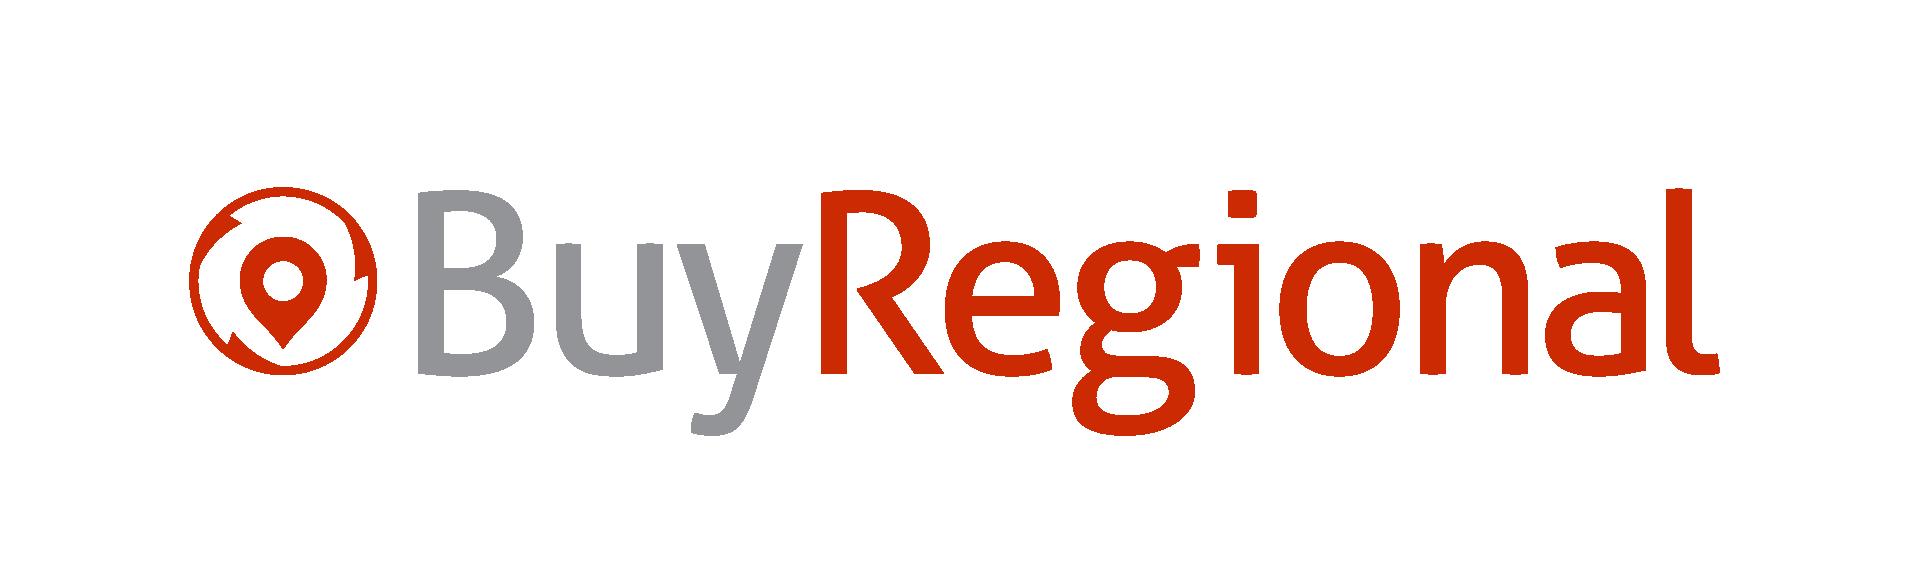 Buy Regional logo 2019 RGB